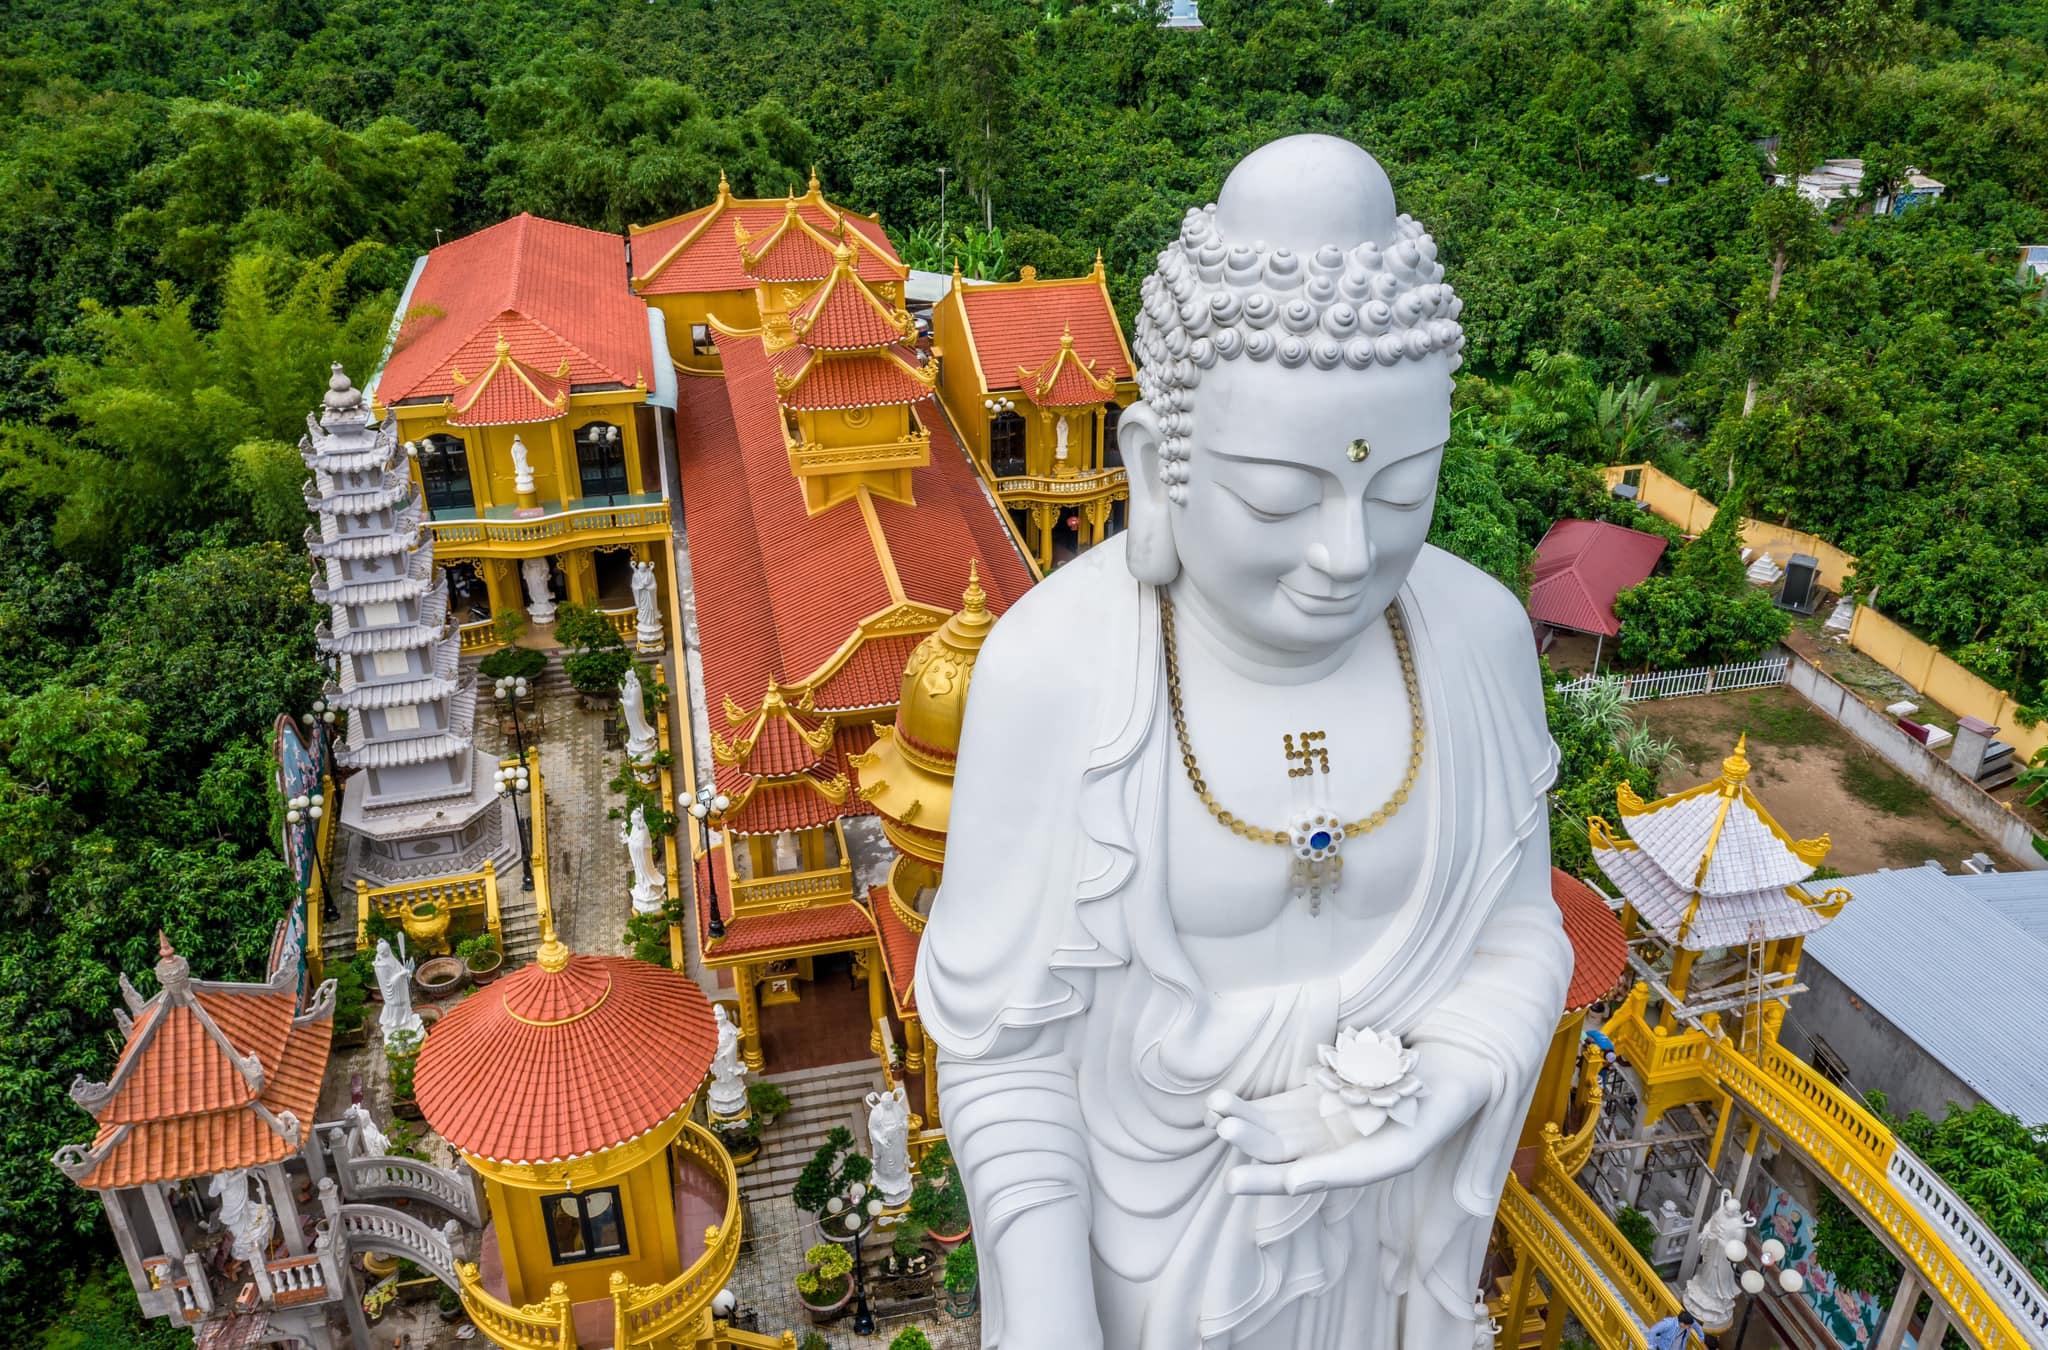 Chùa đã xác lập kỷ lục Việt Nam với Quần thể tượng Phật Tổ A Di Đà và 48 vị Bồ tát Thánh chúng lớn nhất.